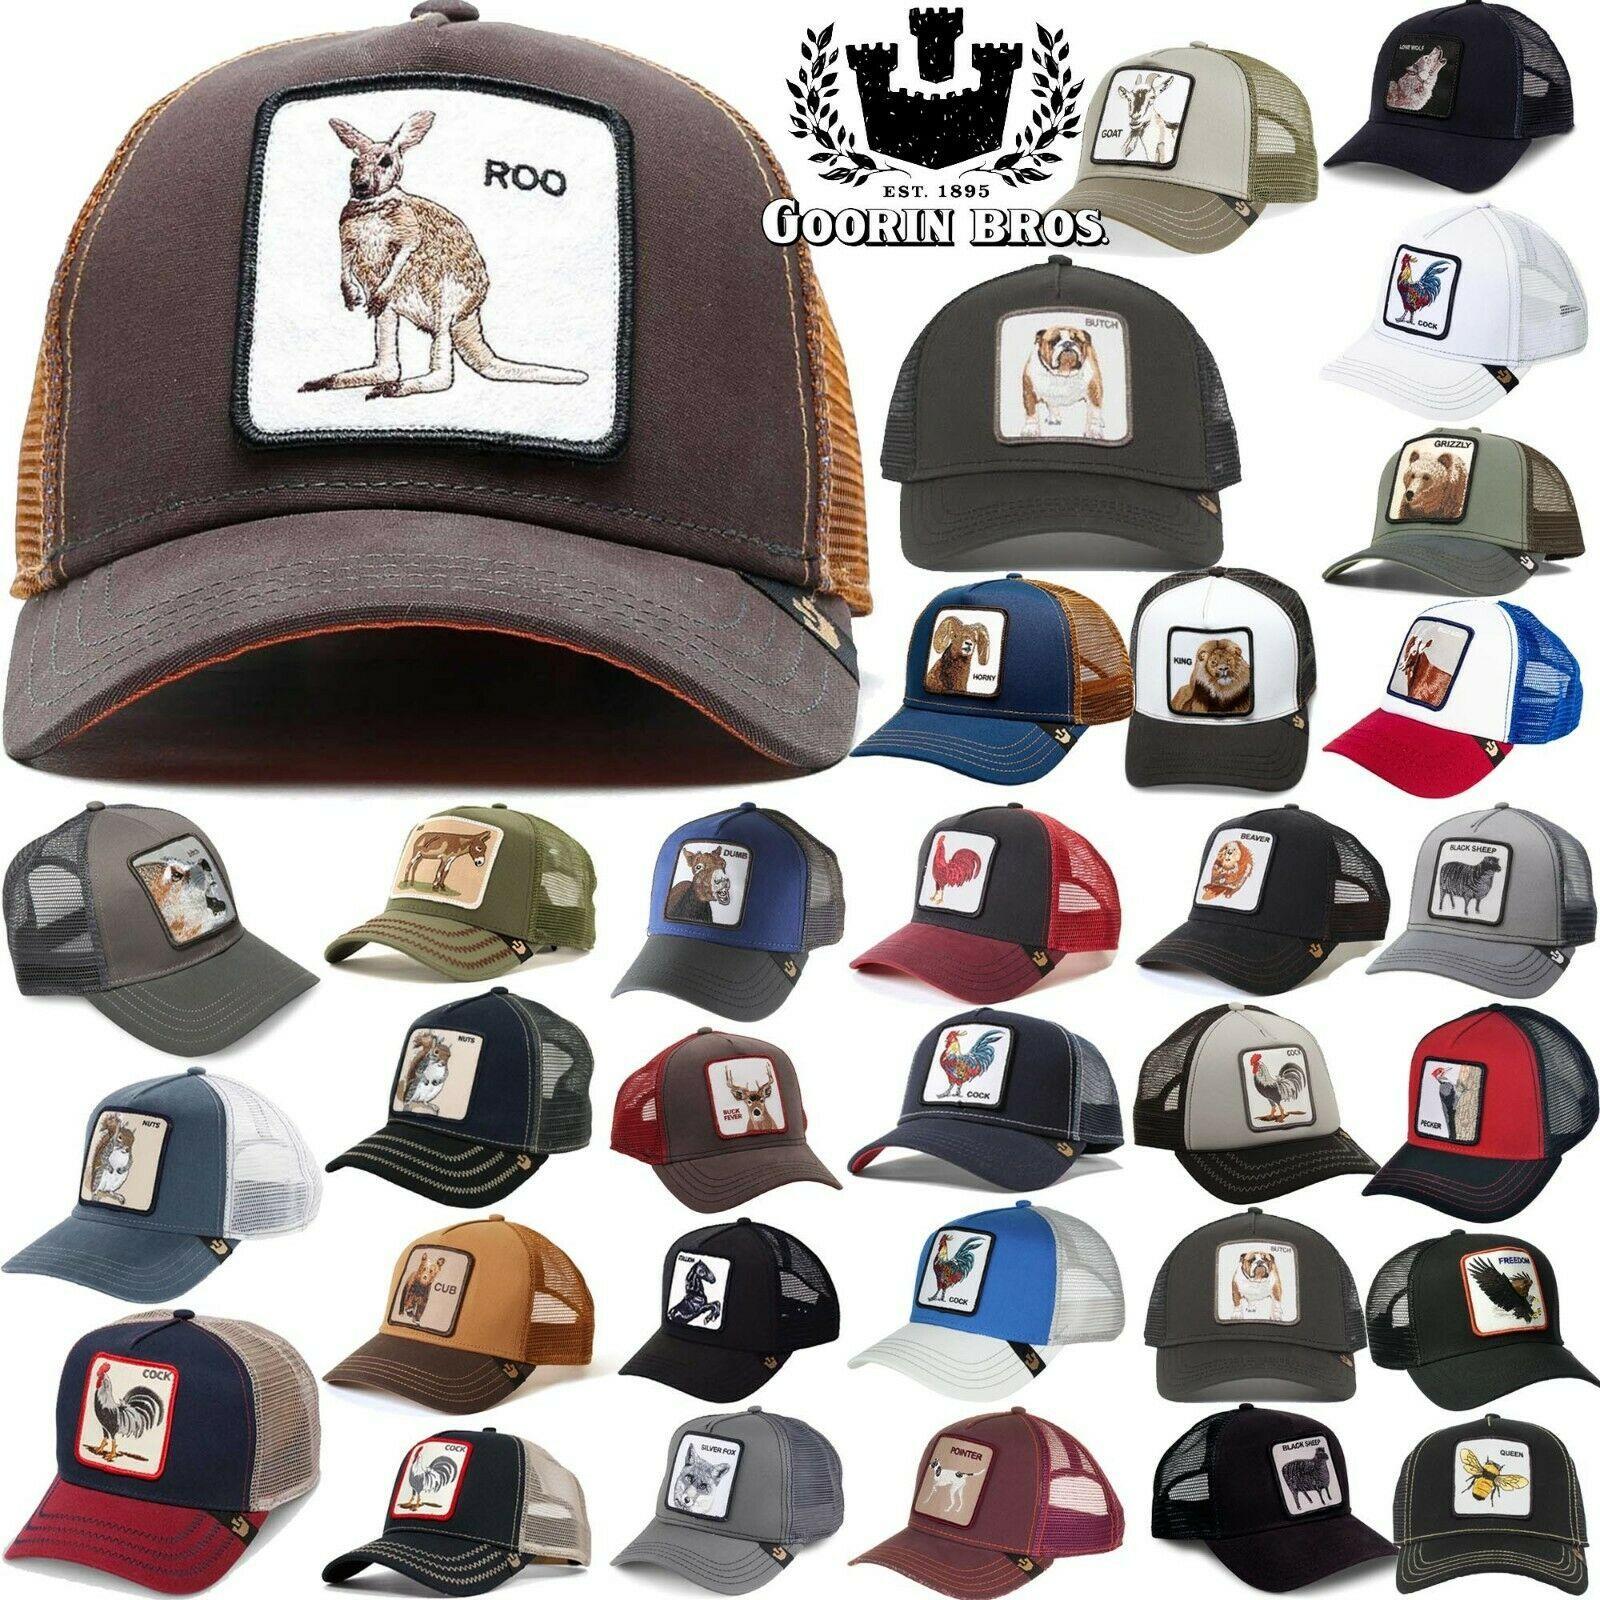 GOORIN BROS TRUCKER Hat Snapback Cap ANIMAL FARM Rooster Black